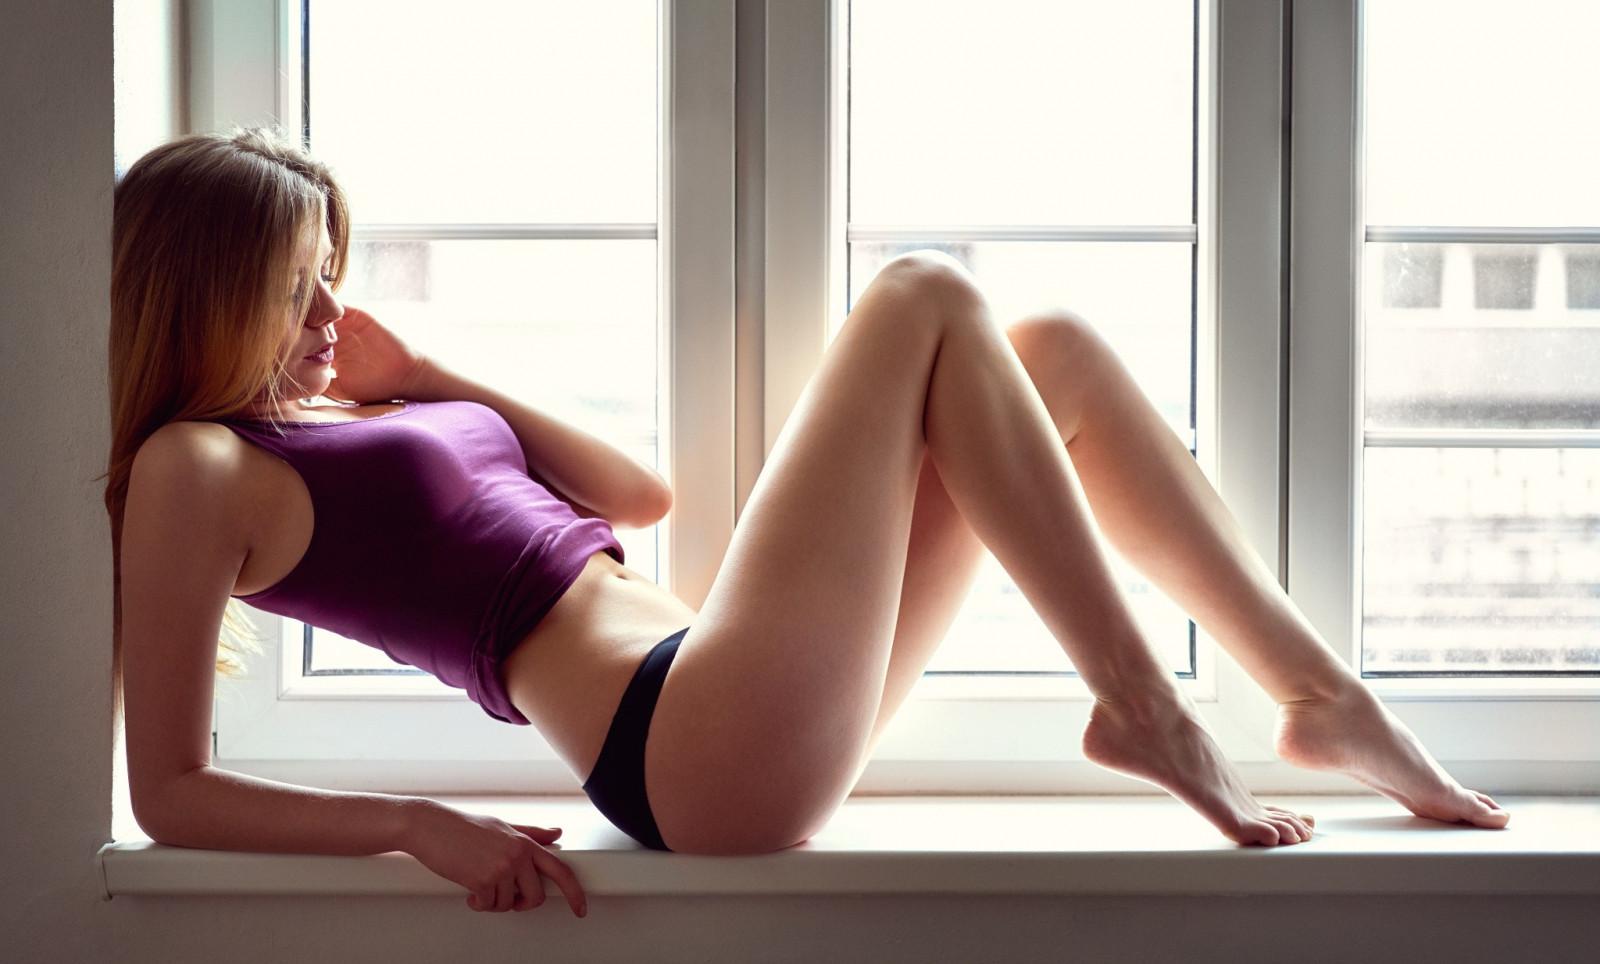 Wallpaper : redhead, long hair, legs, sitting, black hair ...